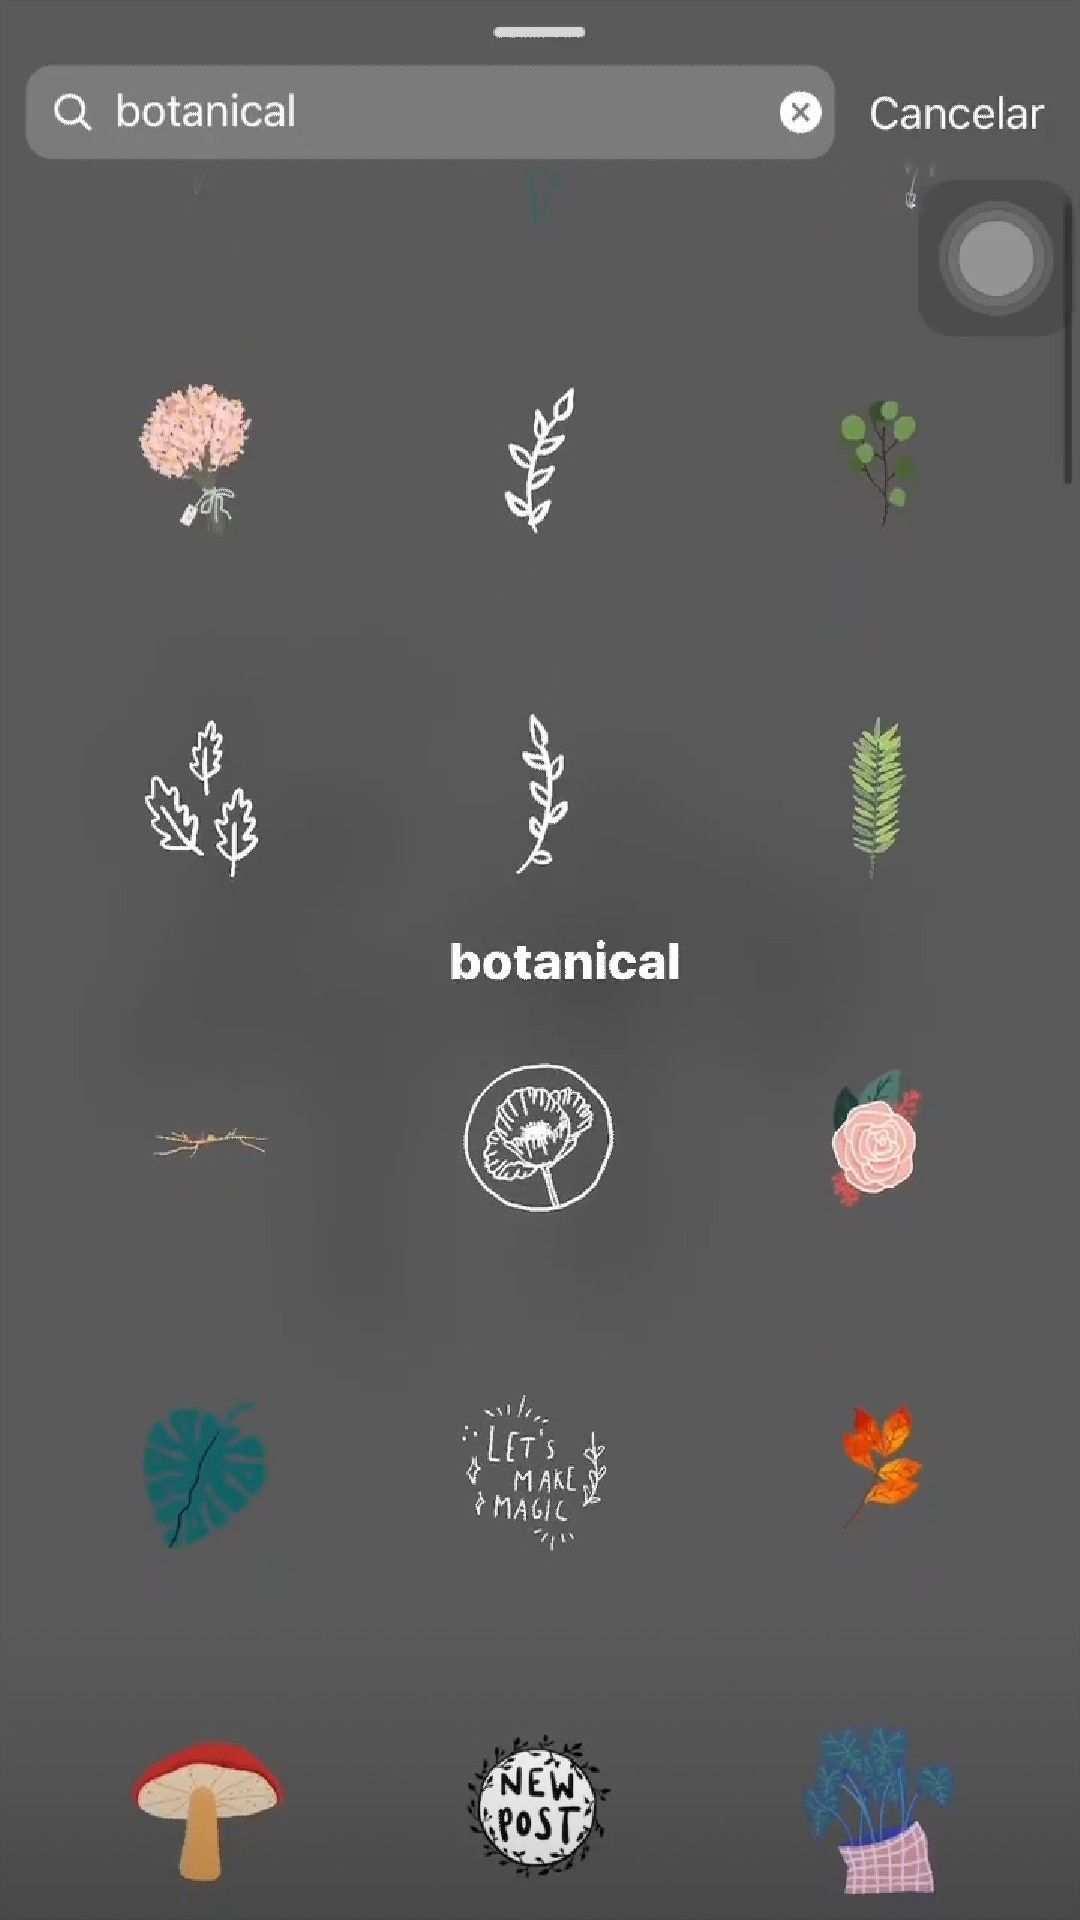 Editingapp Editingapp Effektive Bilder Die Wir Uber Healthy Recipes Anbieten Ein Qualitatsbild Kann Ihnen In 2020 Instagram Tipps Instagram Ideen Snapchat Ideen